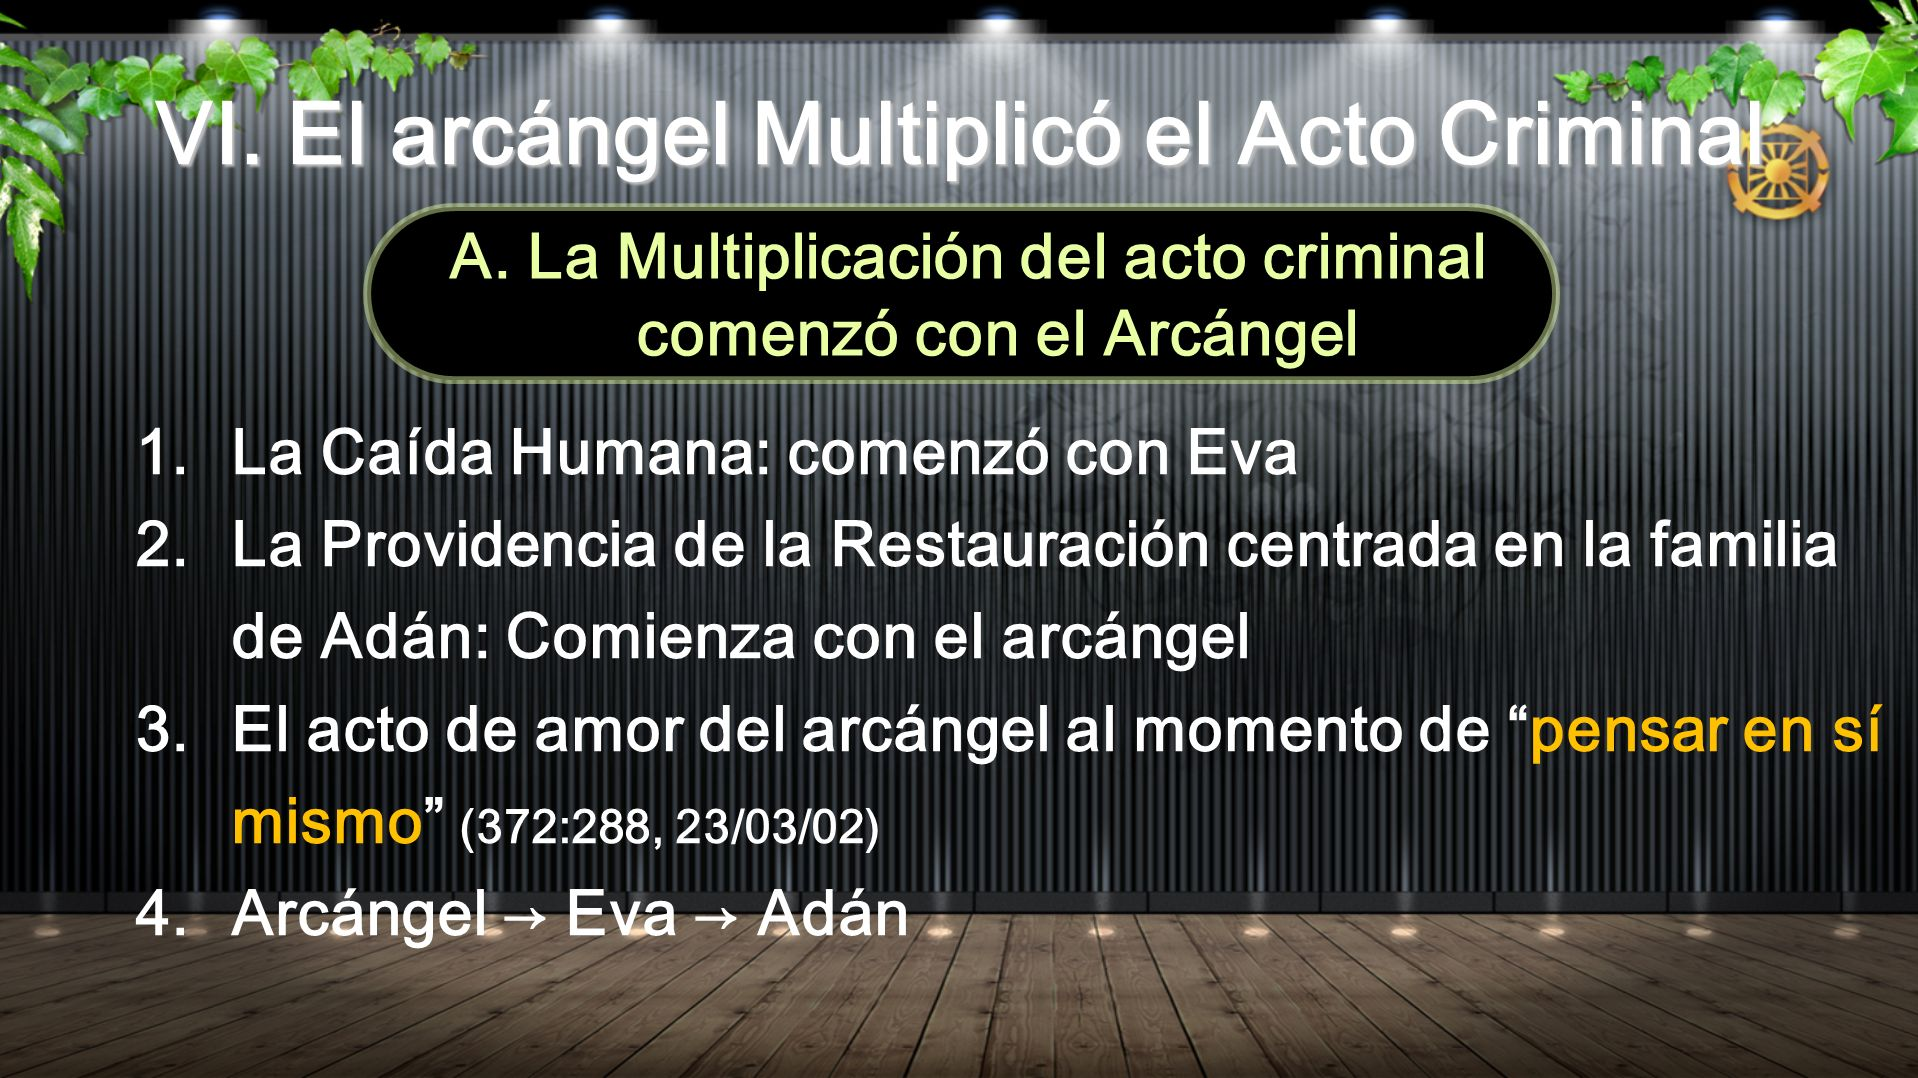 VI. El arcángel Multiplicó el Acto Criminal A. La Multiplicación del acto criminal comenzó con el Arcángel 1.La Caída Humana: comenzó con Eva 2.La Pro